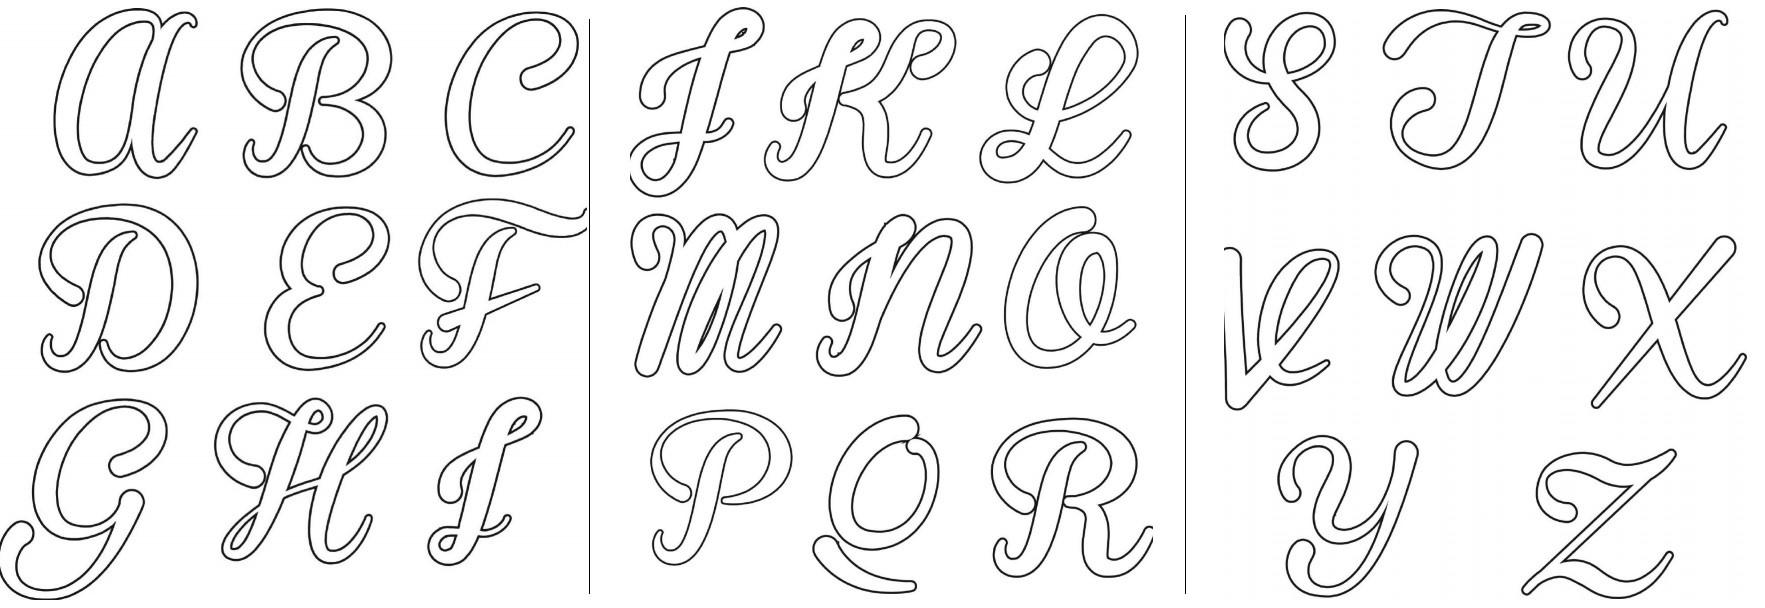 molde letra maiúscula cursiva